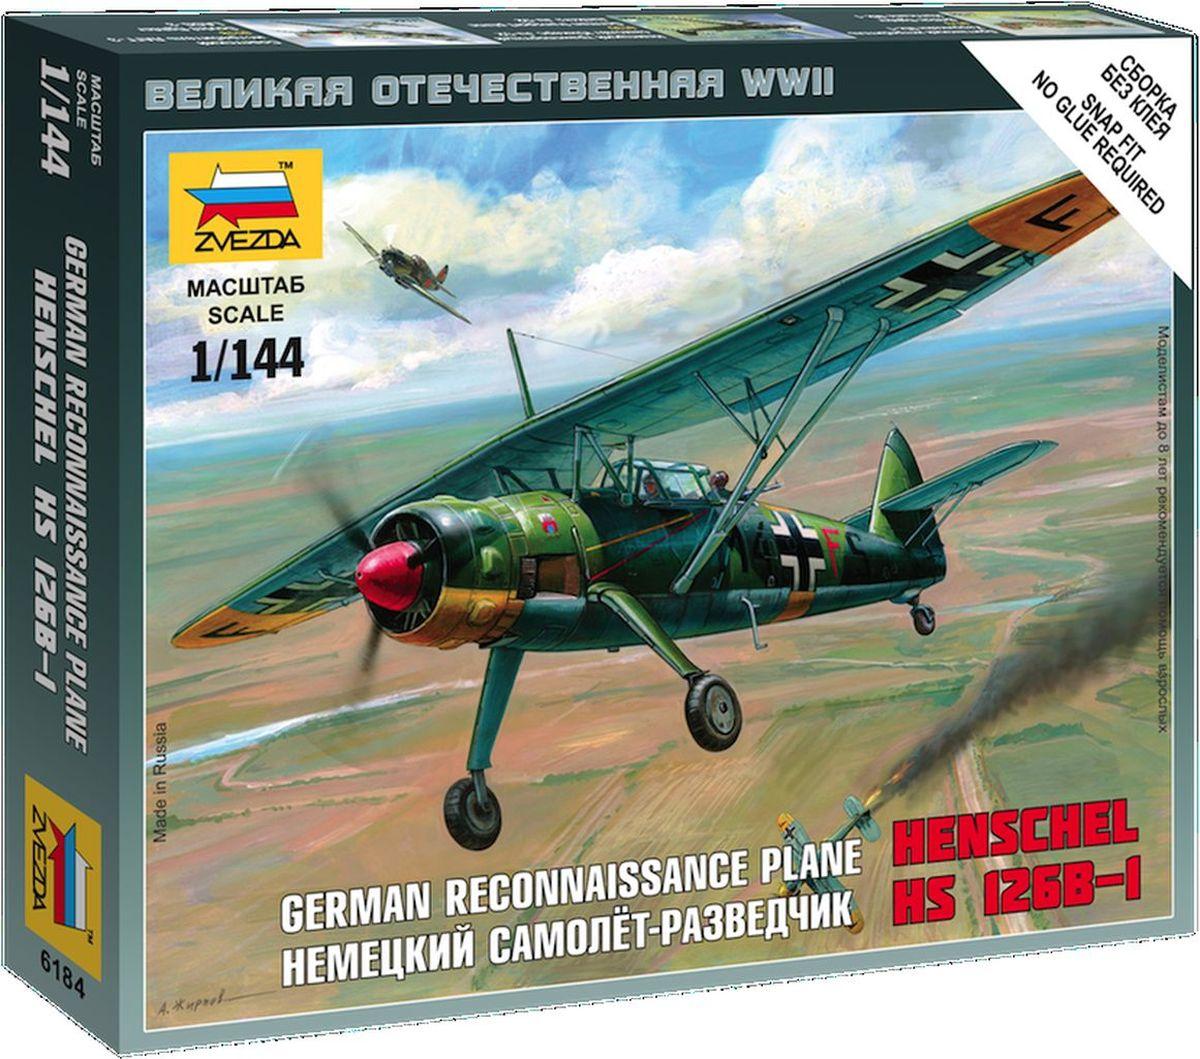 ������ ������� ������ �������� �������-��������� HS 1268-1 Henschel